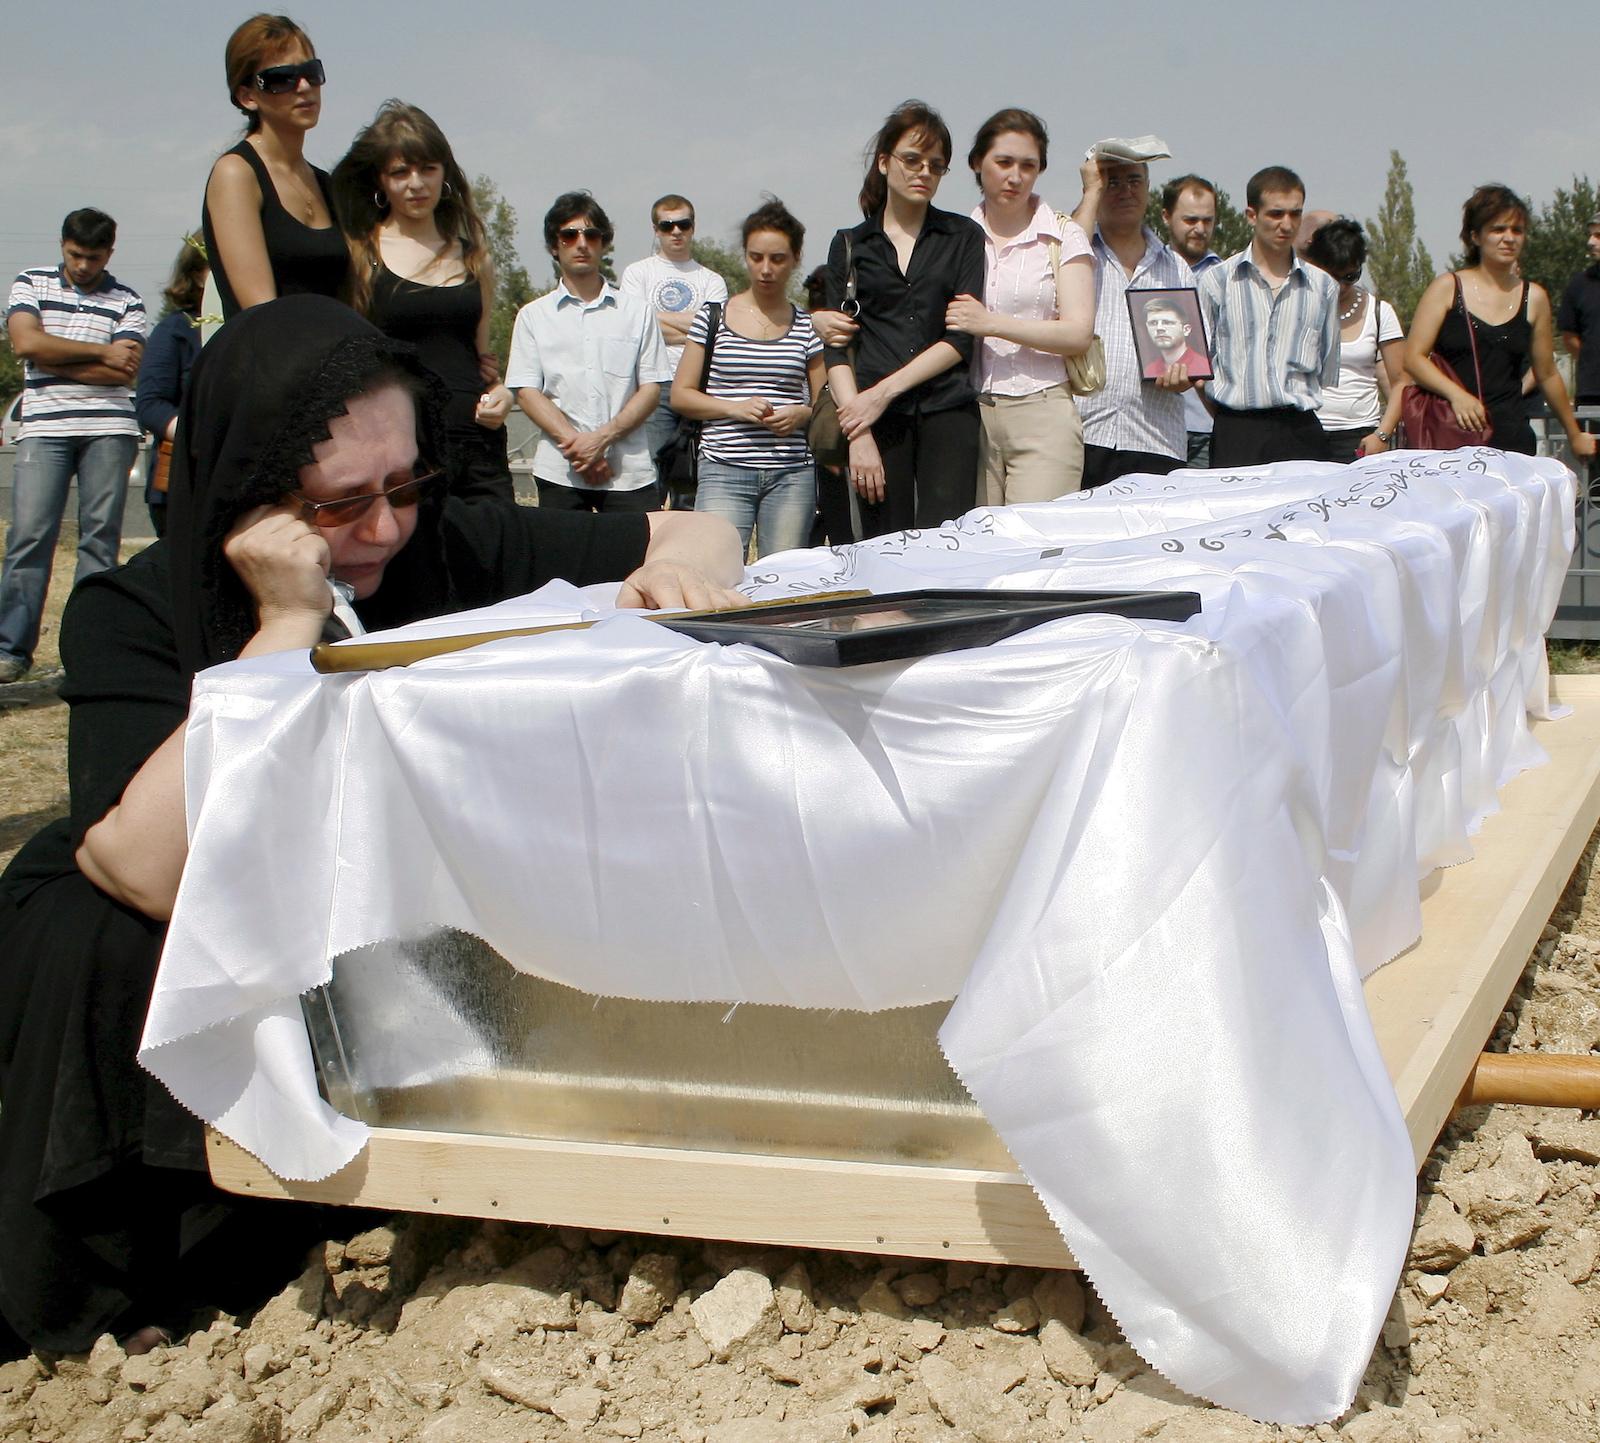 კადრში ხედავთ ფოტოჟურნალისტ ალექსანდრე კლიმჩუკის დედას შვილის დაკრძალვაზე. კლიმჩუკი მეორე ჟურნალისტ ჩიხლაძესთან ერთად კონფლიქტის ზონაში მოკლეს © EPA/VLADIMIR VALISHVILI